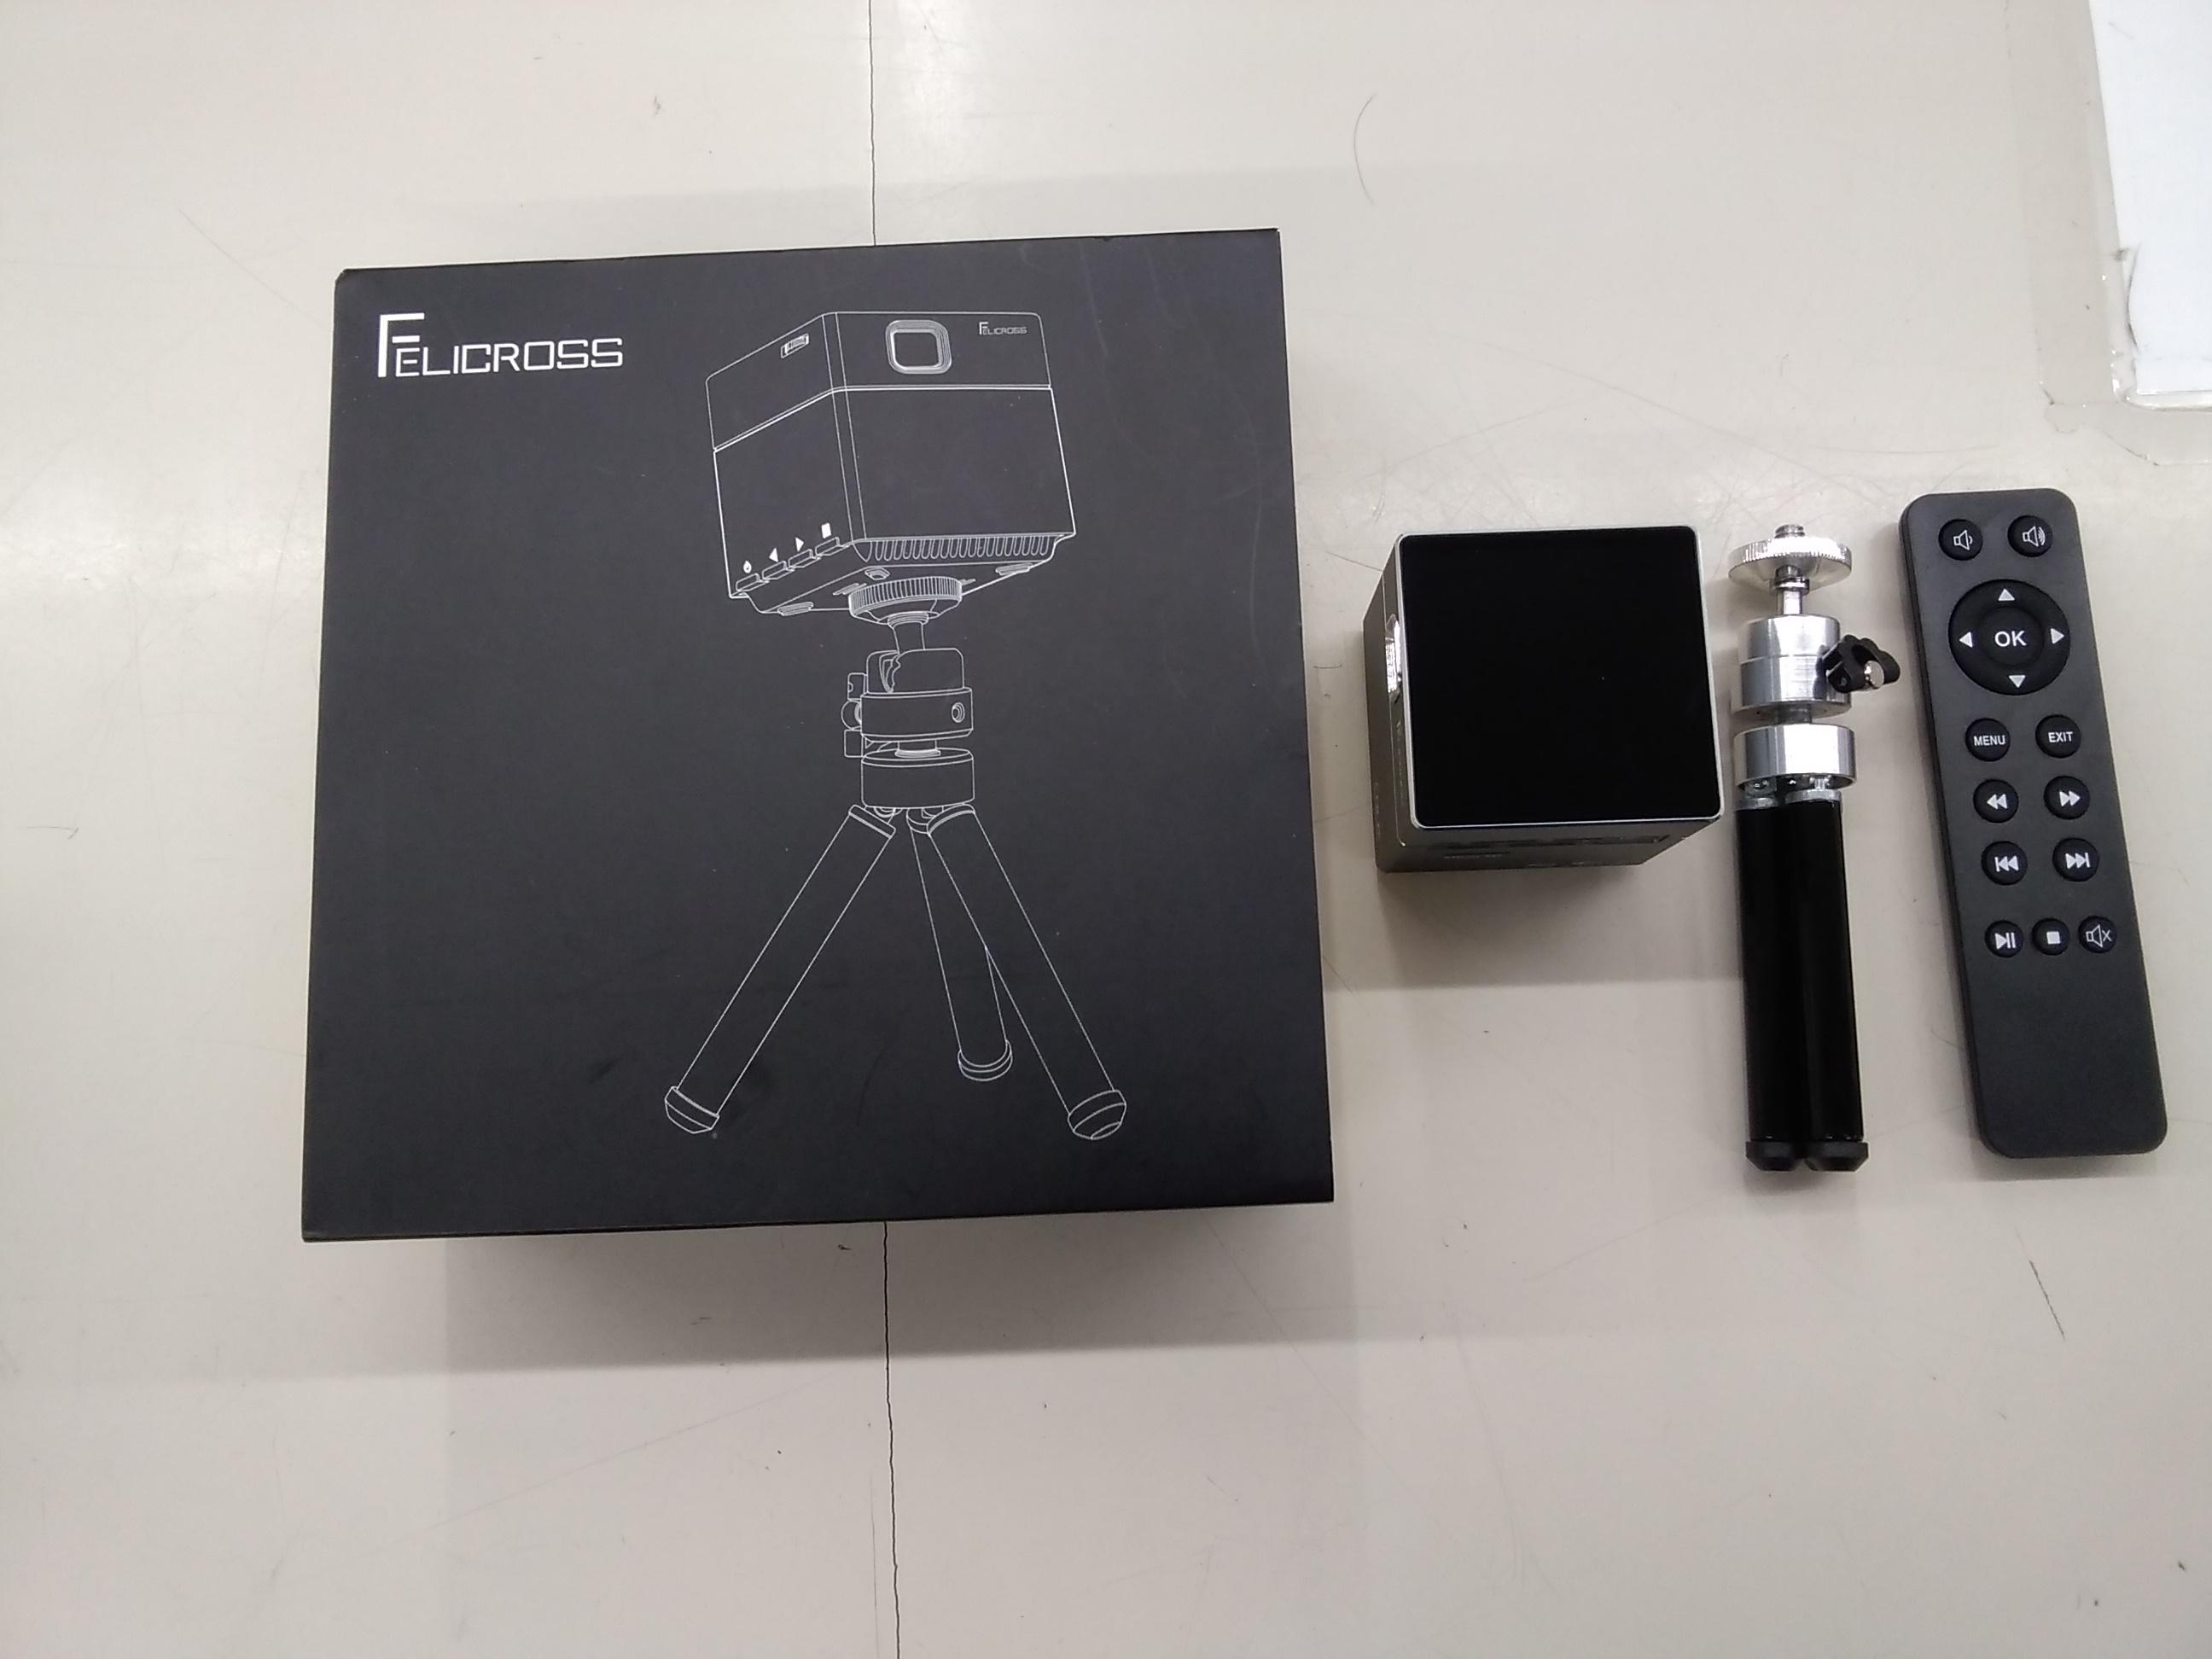 小型プロジェクター PicoCube ピコキューブ|FELICROSS